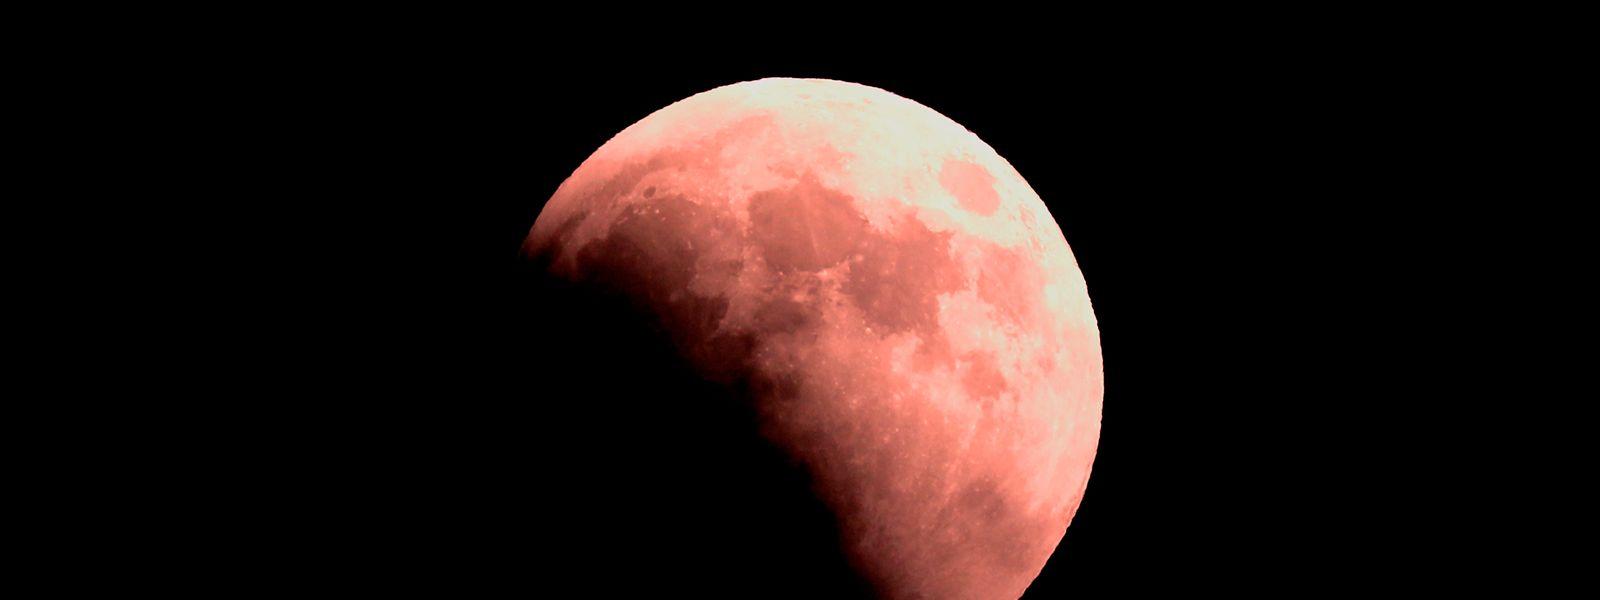 En 1969 l'Homme met son pied pour la première fois sur la lune.